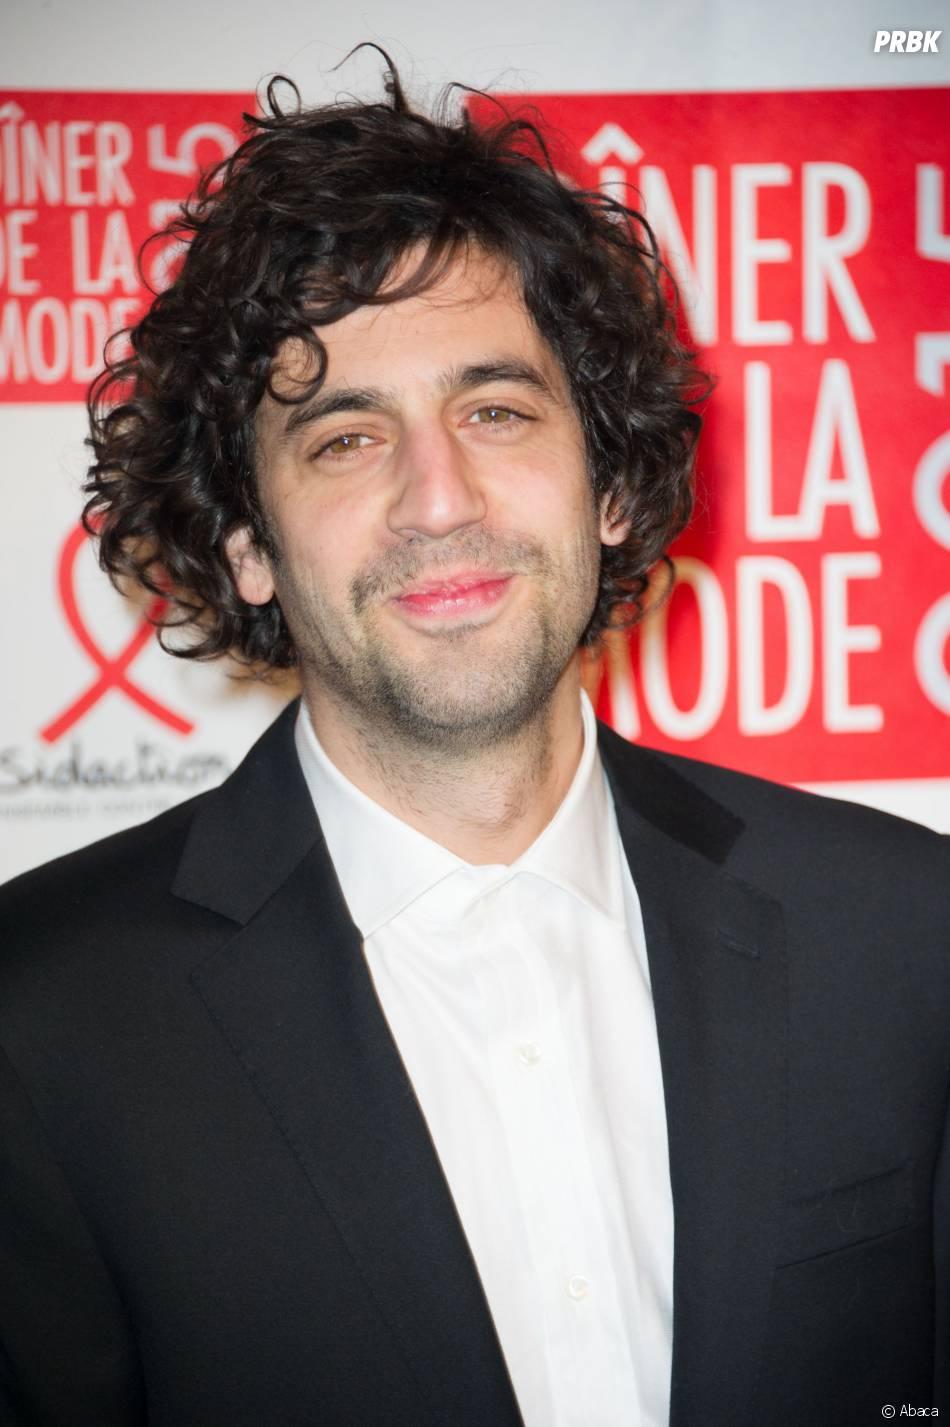 Max Boublil au gala du Sidaction, le 29 janvier 2015 à Paris